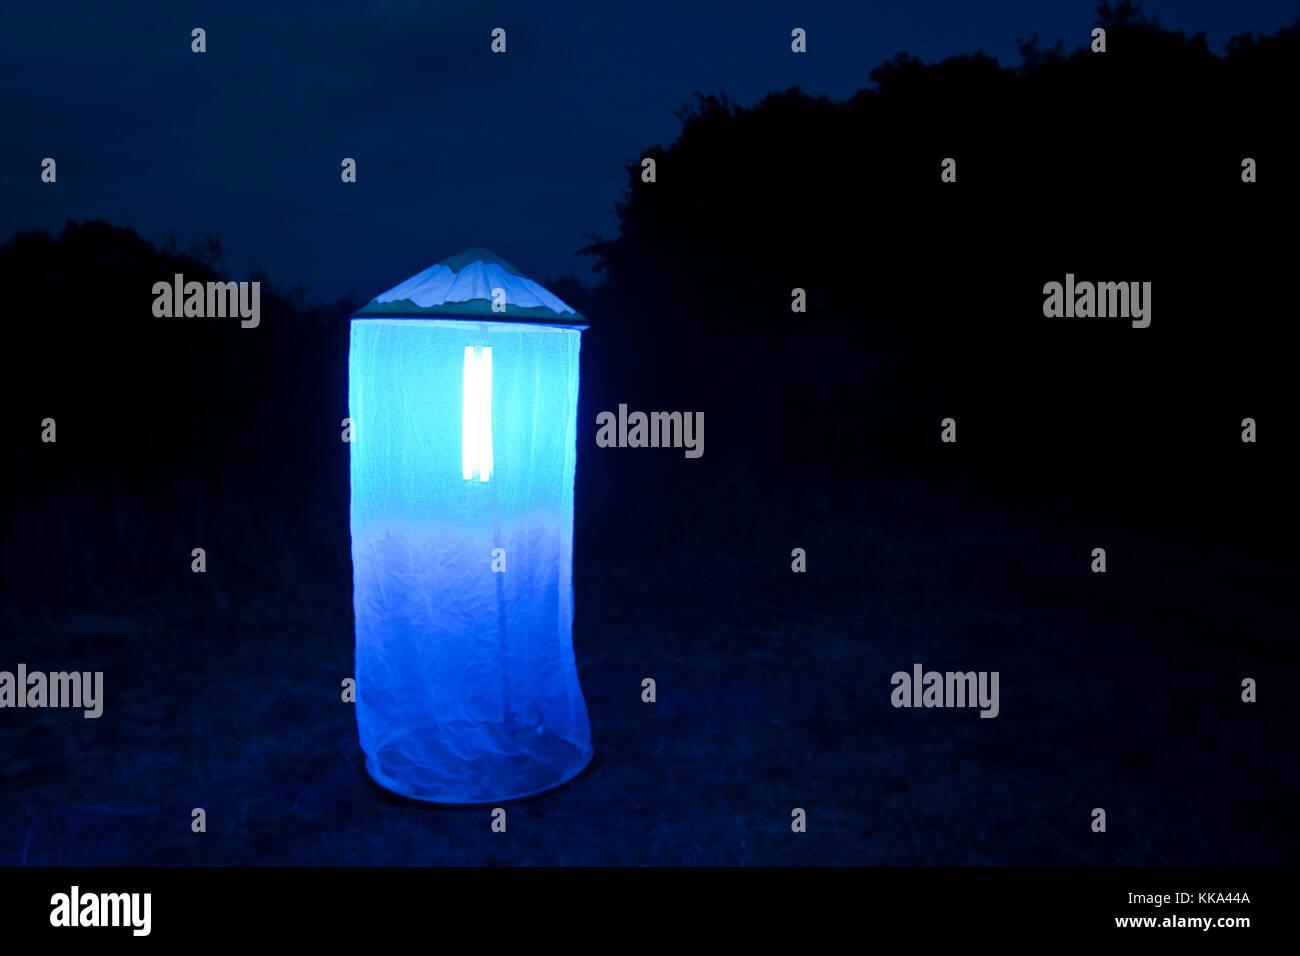 Nachts aufgebautes Leuchtzelt lockt Nacht-Schmetterlinge und andere Insekten an, Leuchten, Kartierung, Untersuchung, - Stock Image